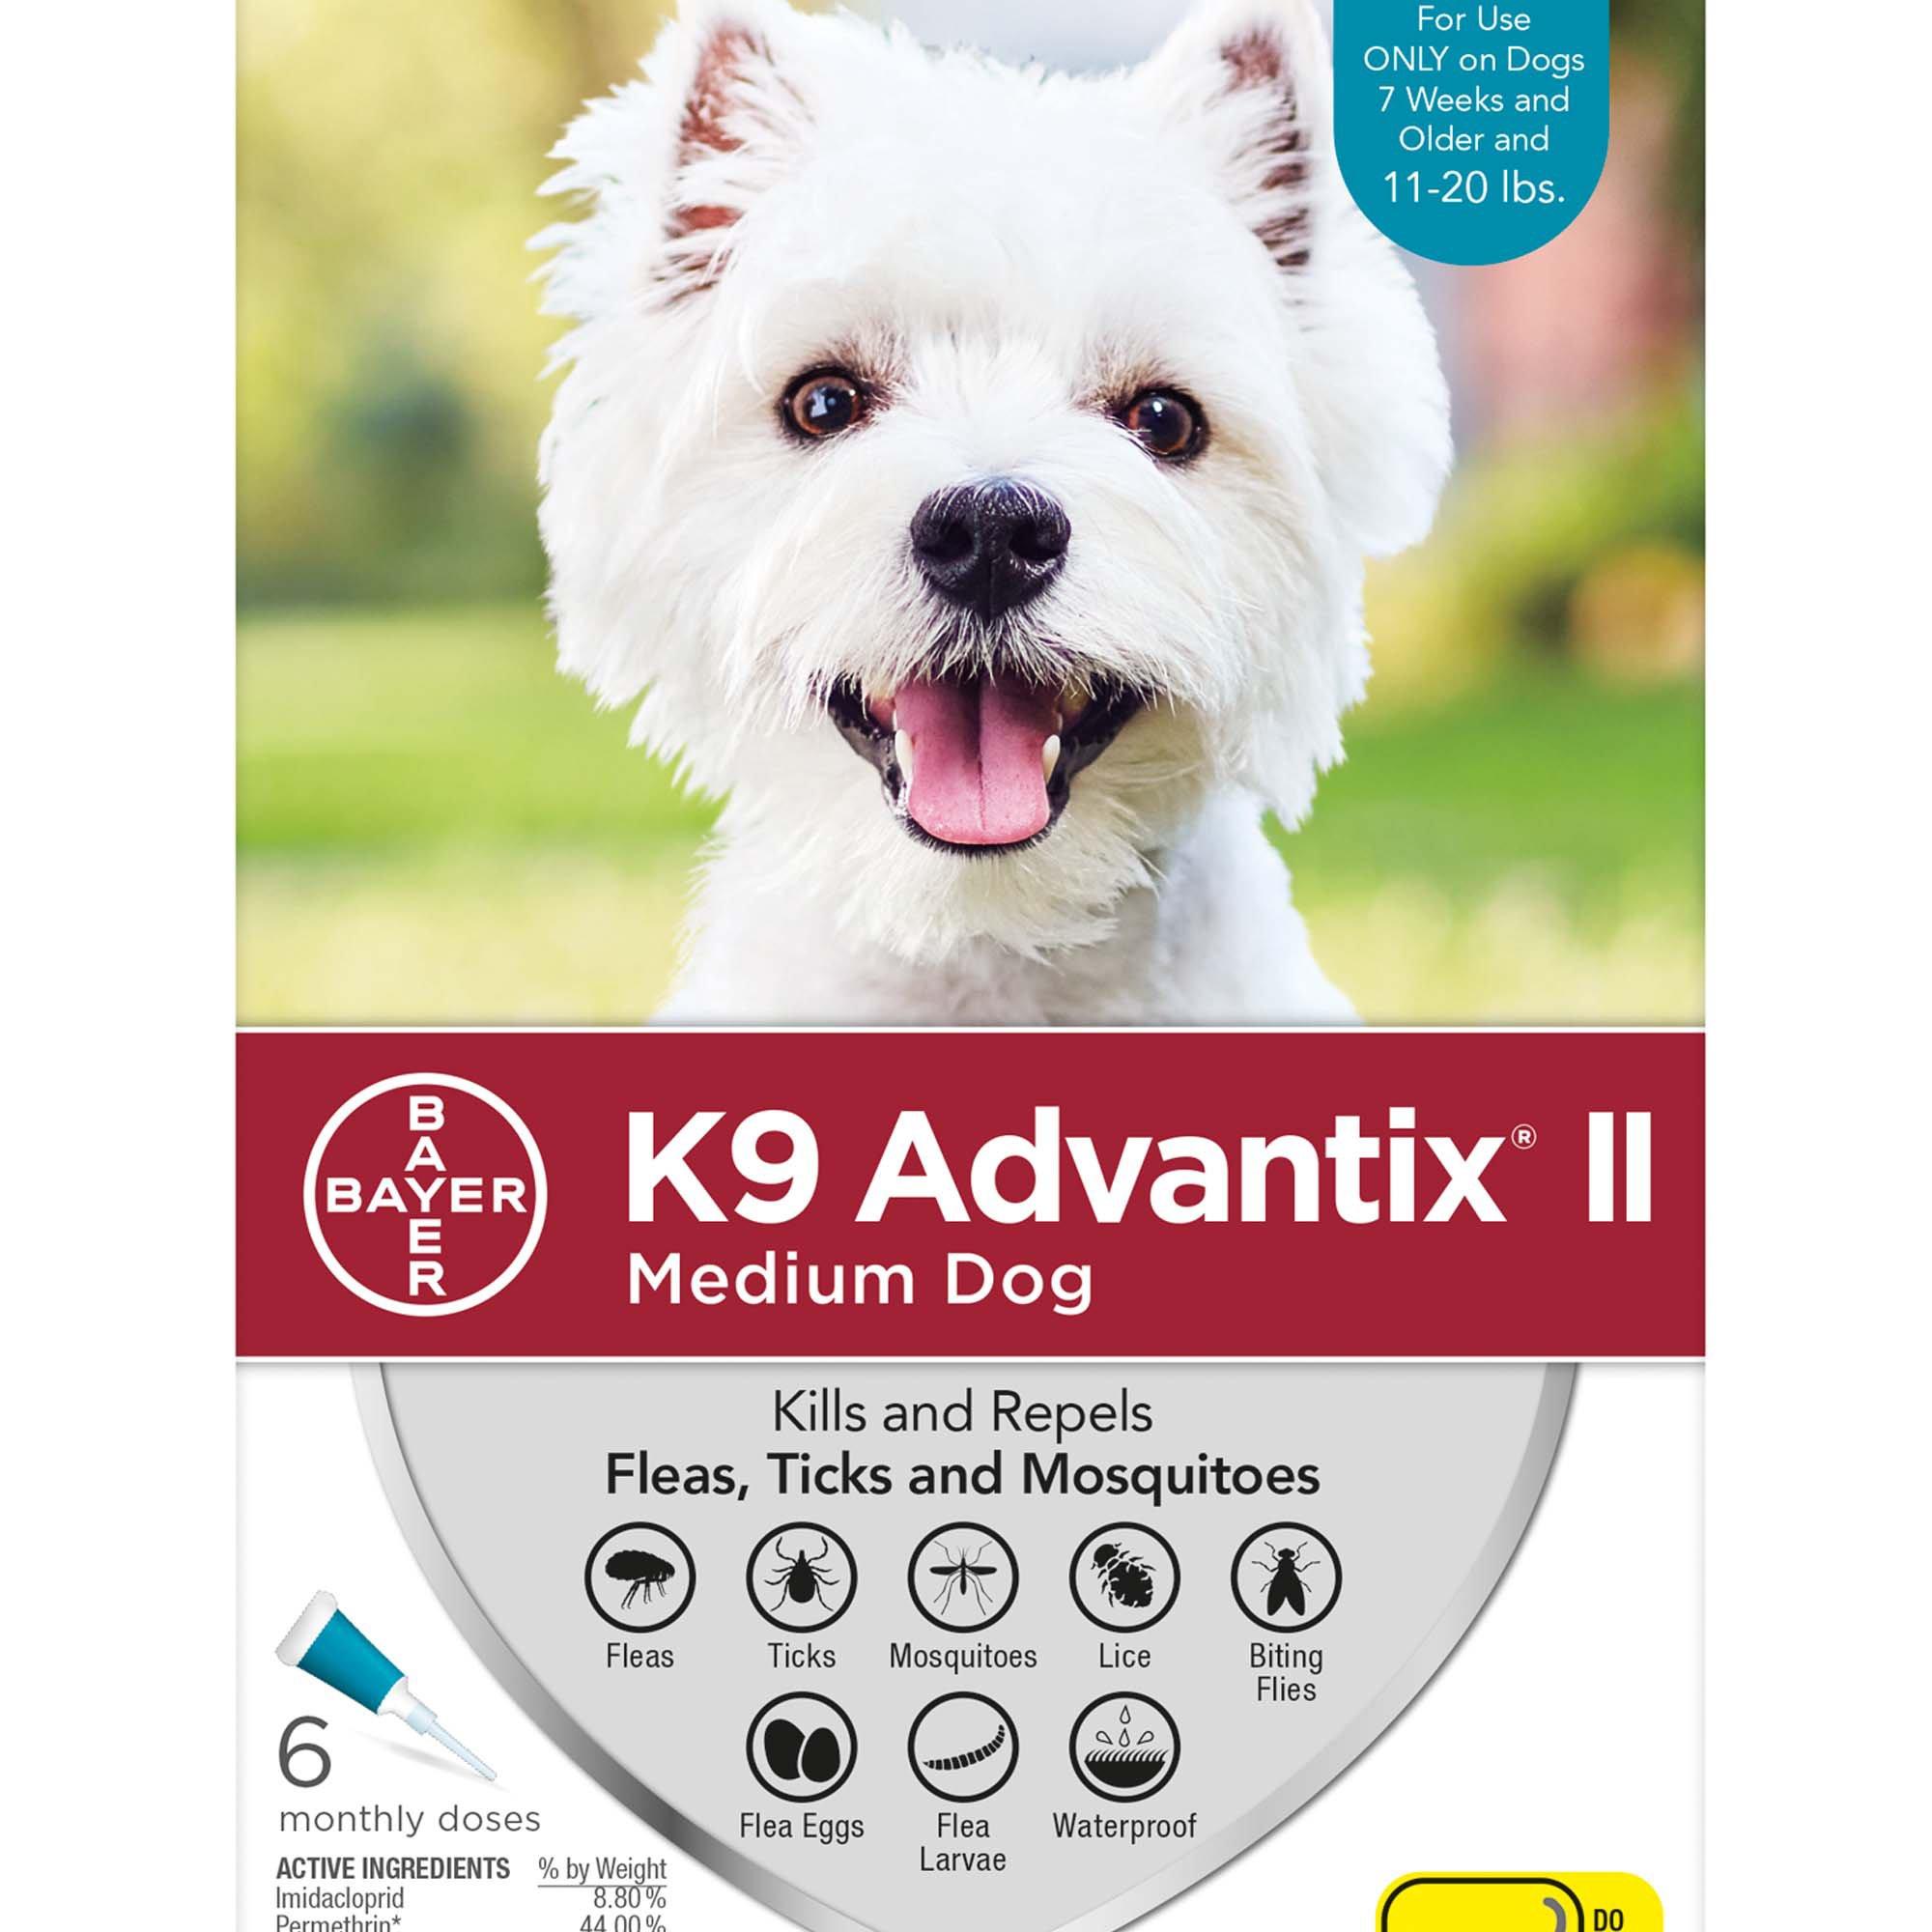 K9 Advantix II Topical Medium Dog Flea & Tick Treatment